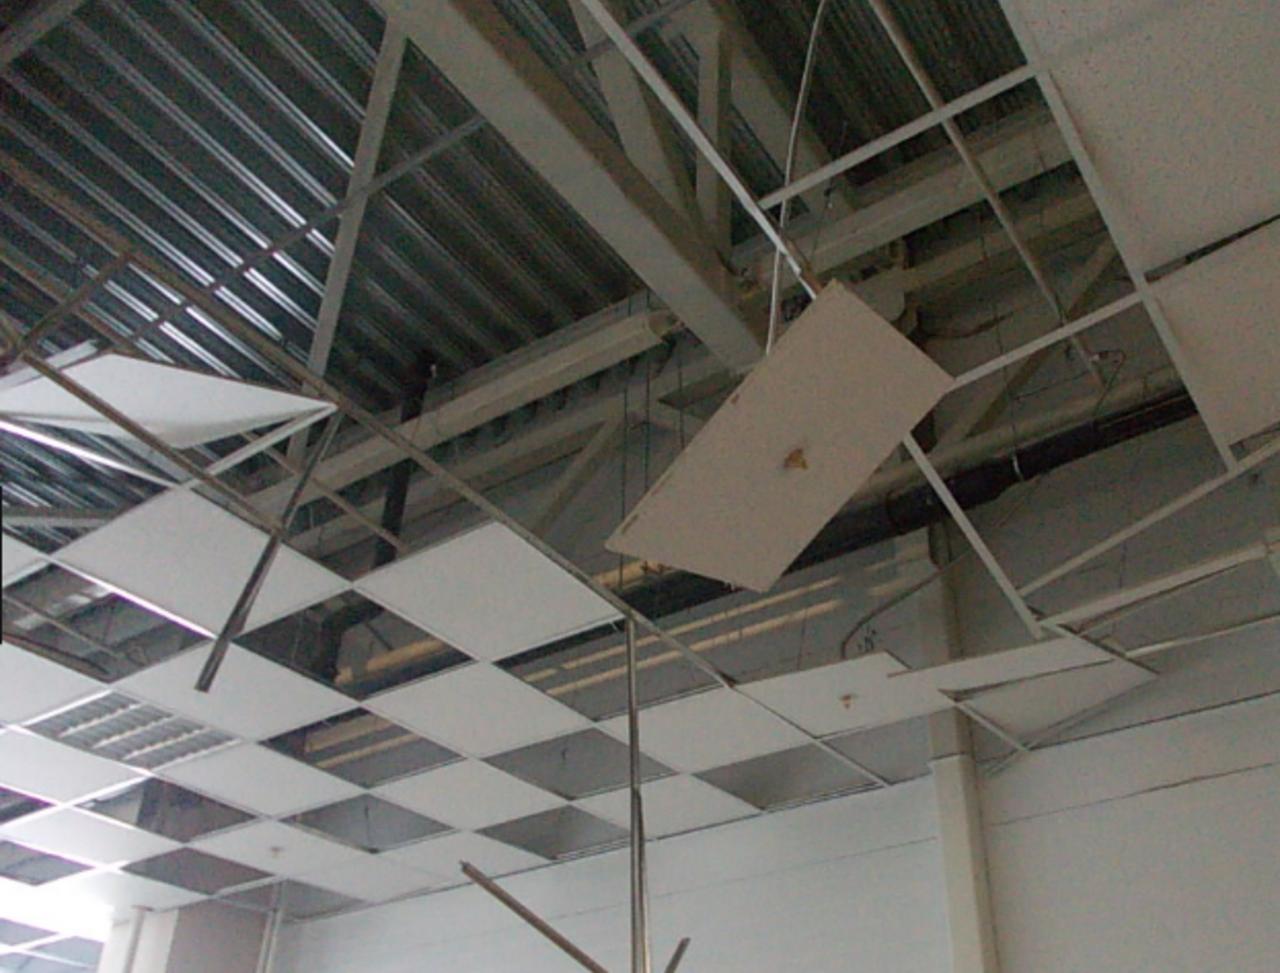 ВИркутске подвесной потолок обвалился нашкольников: есть пострадавшие